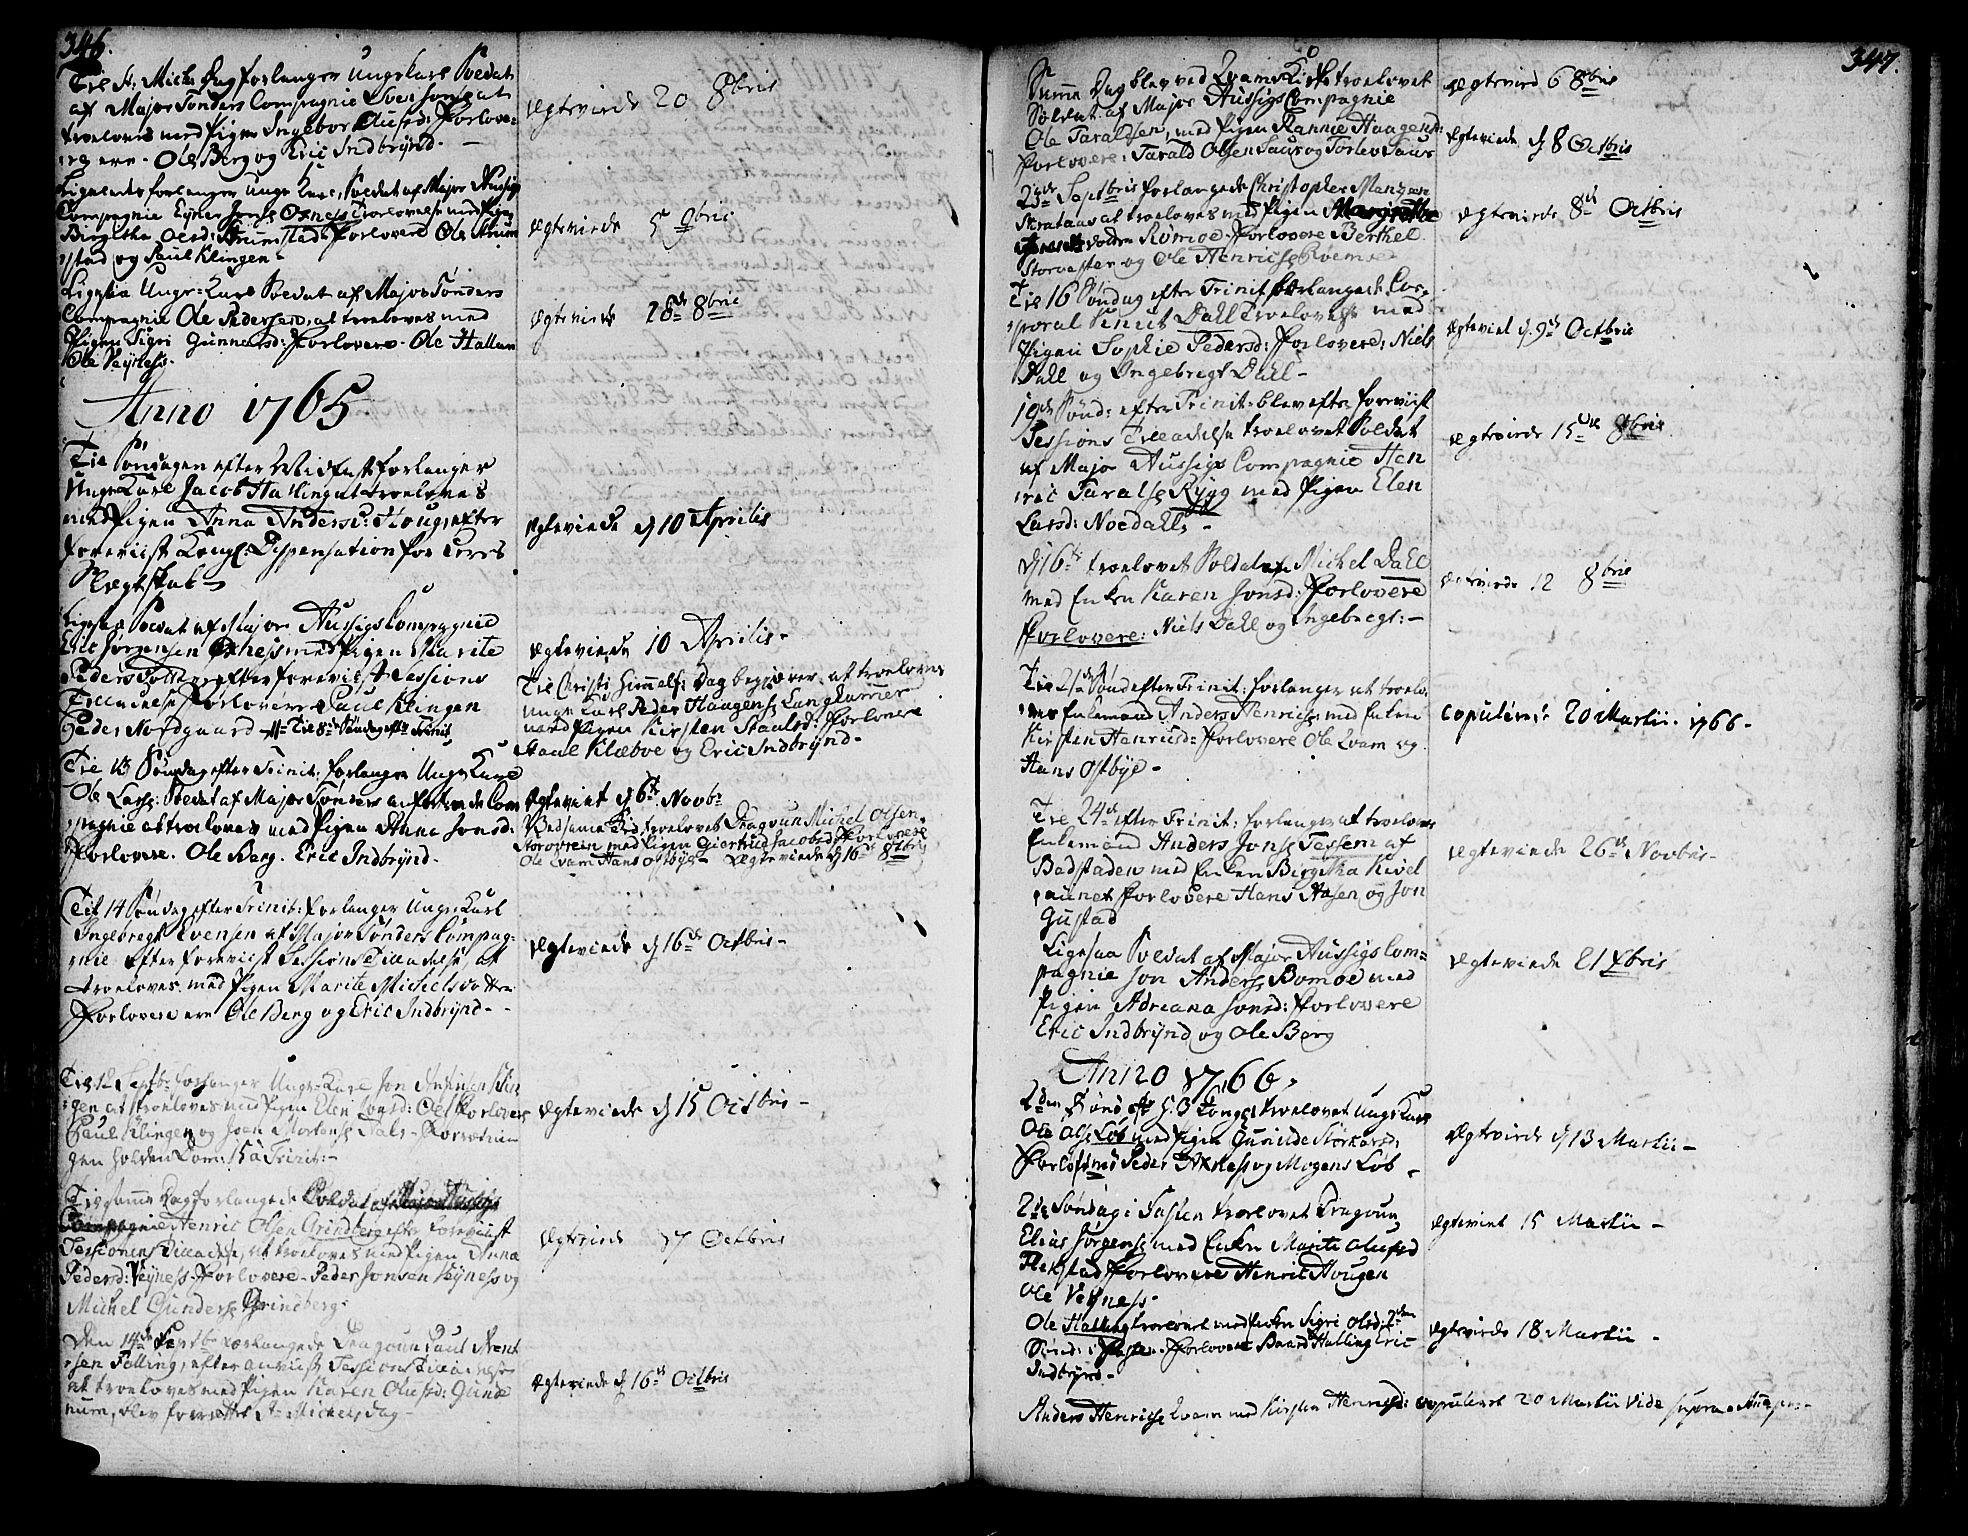 SAT, Ministerialprotokoller, klokkerbøker og fødselsregistre - Nord-Trøndelag, 746/L0440: Ministerialbok nr. 746A02, 1760-1815, s. 346-347